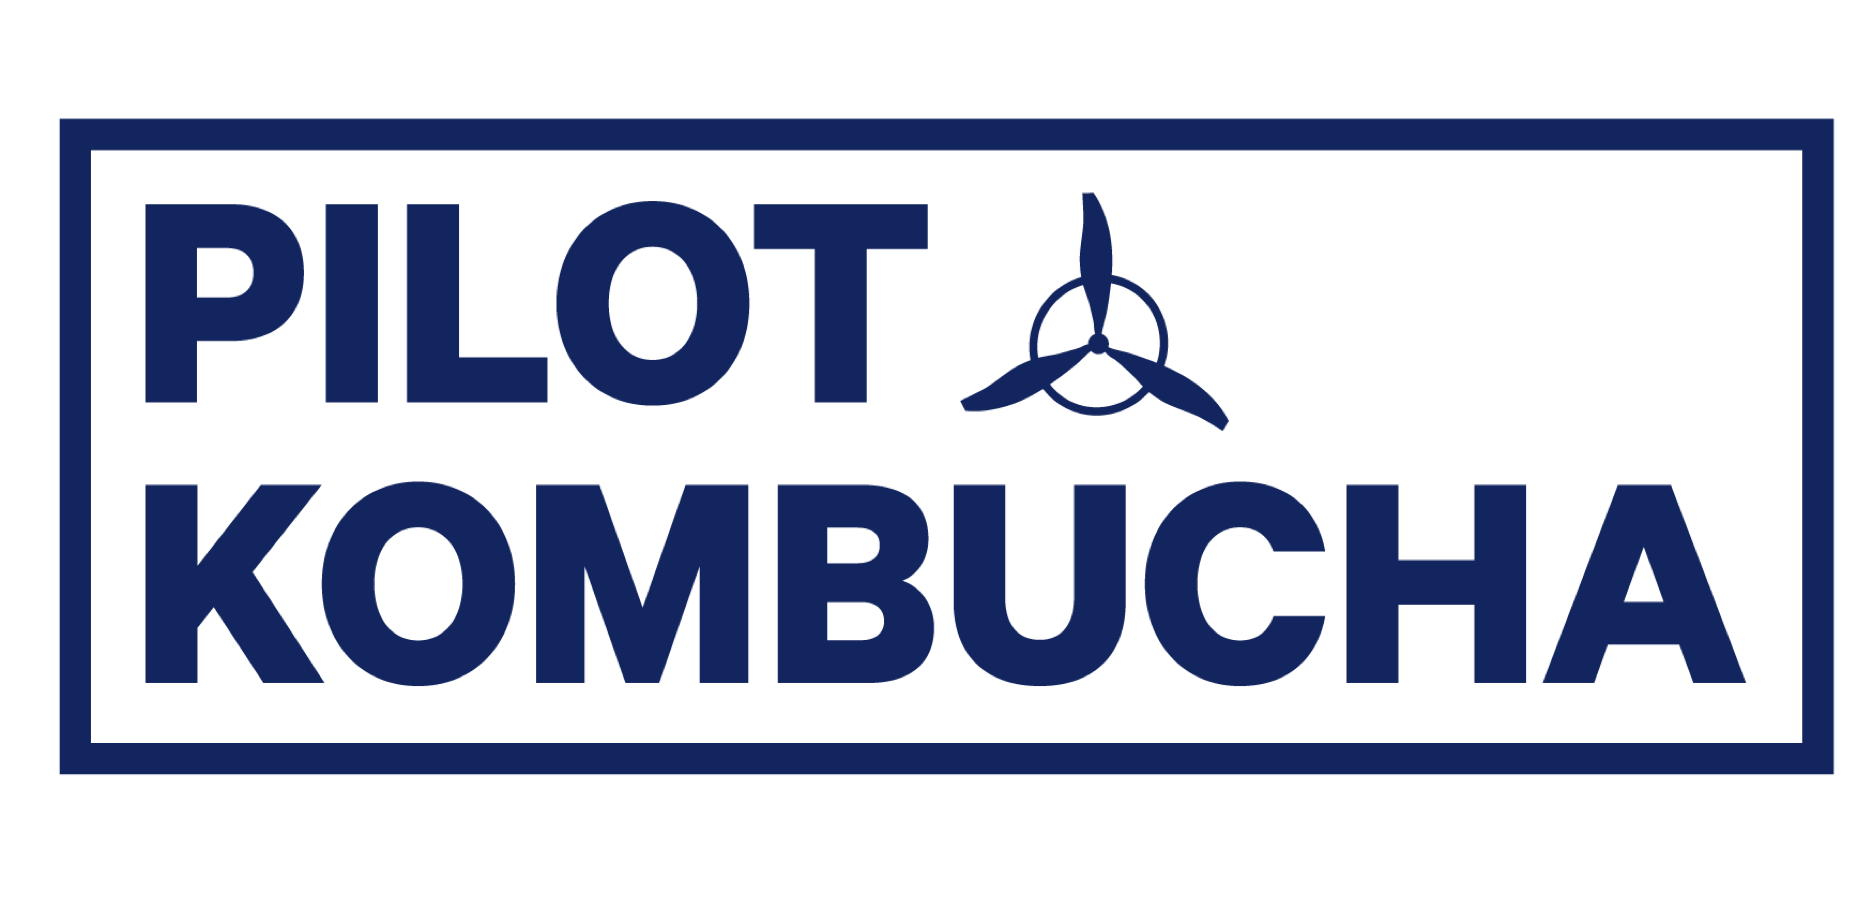 pilot k.png